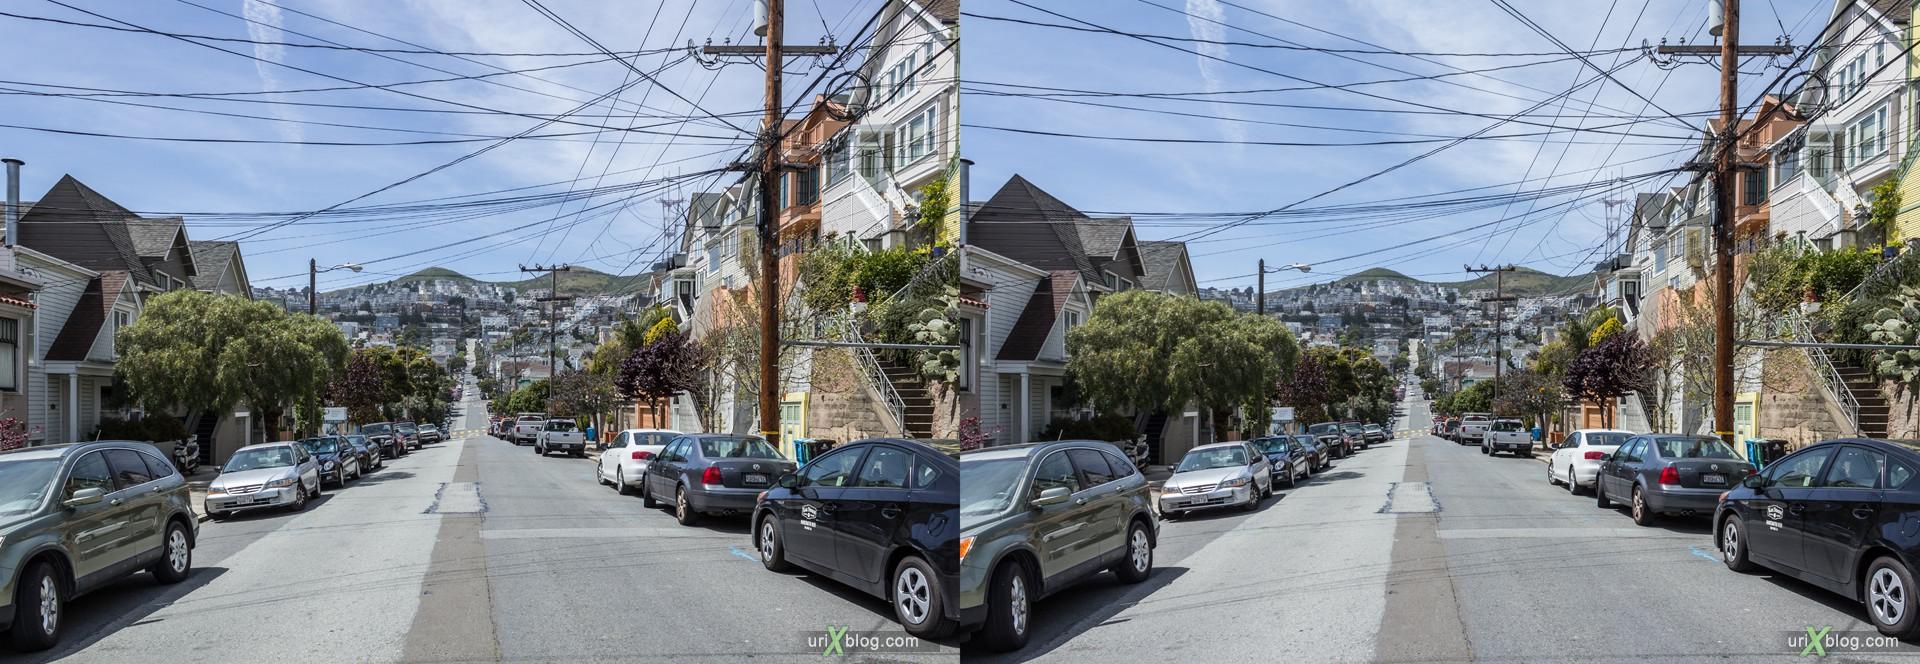 2013, Twin Peaks, Castro, Dolores Heights, Сан-Франциско, США, 3D, перекрёстные стереопары, стерео, стереопара, стереопары